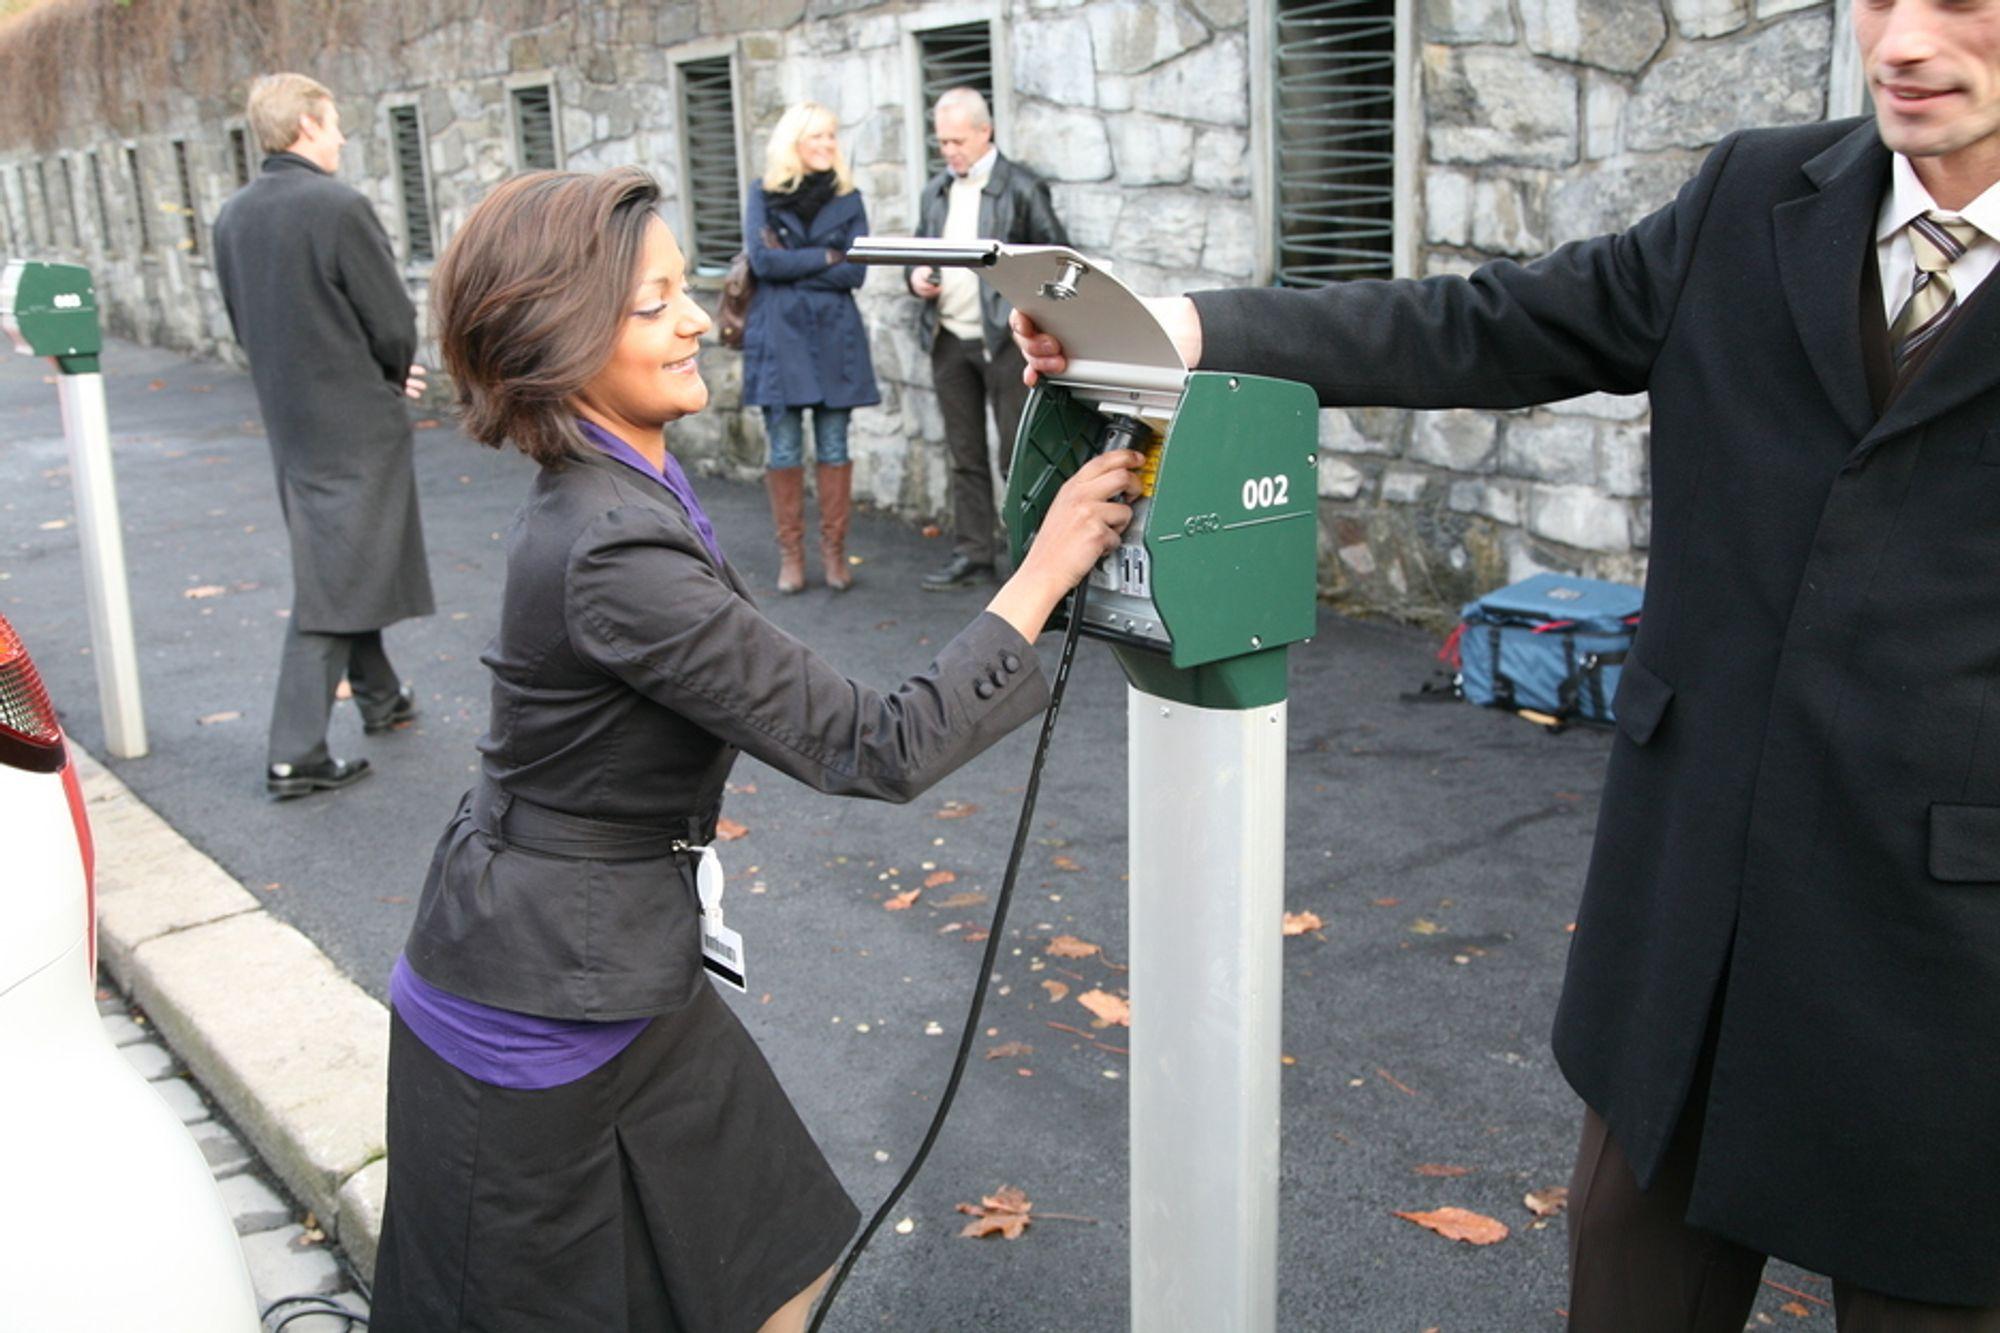 Tidligere byrådssekretær Lene Langemyr åpnet ladestasjonene i Kongens gate i november i fjor. Foreløpig har imidlertid etableringen av stasjonene gått treigt.